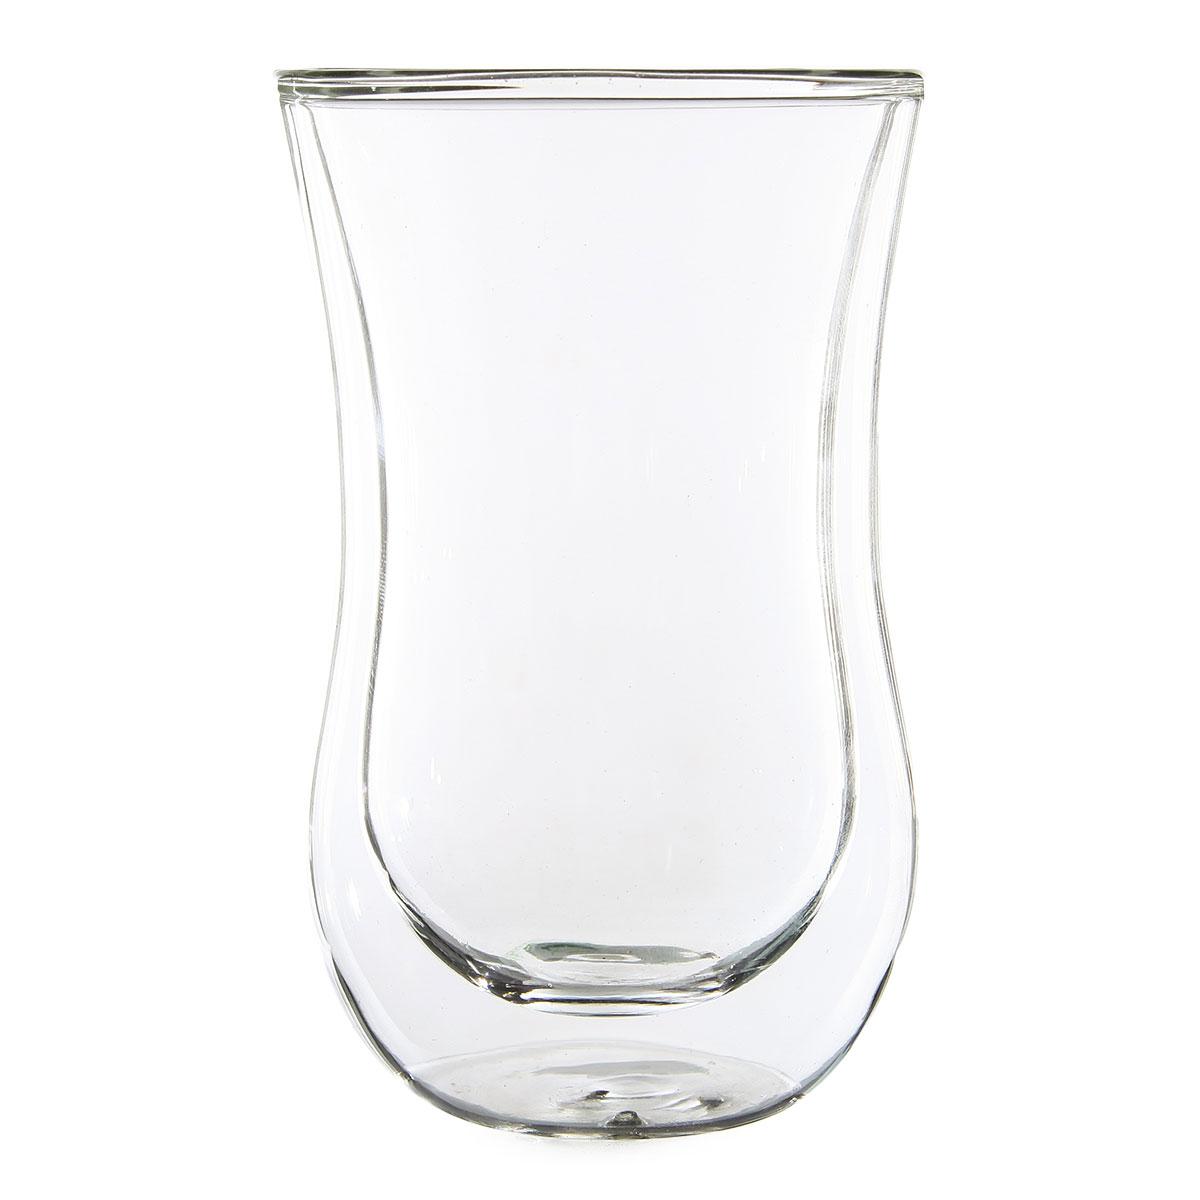 Стеклянный стакан с двойными стенками Утренняя роса 250 мл.